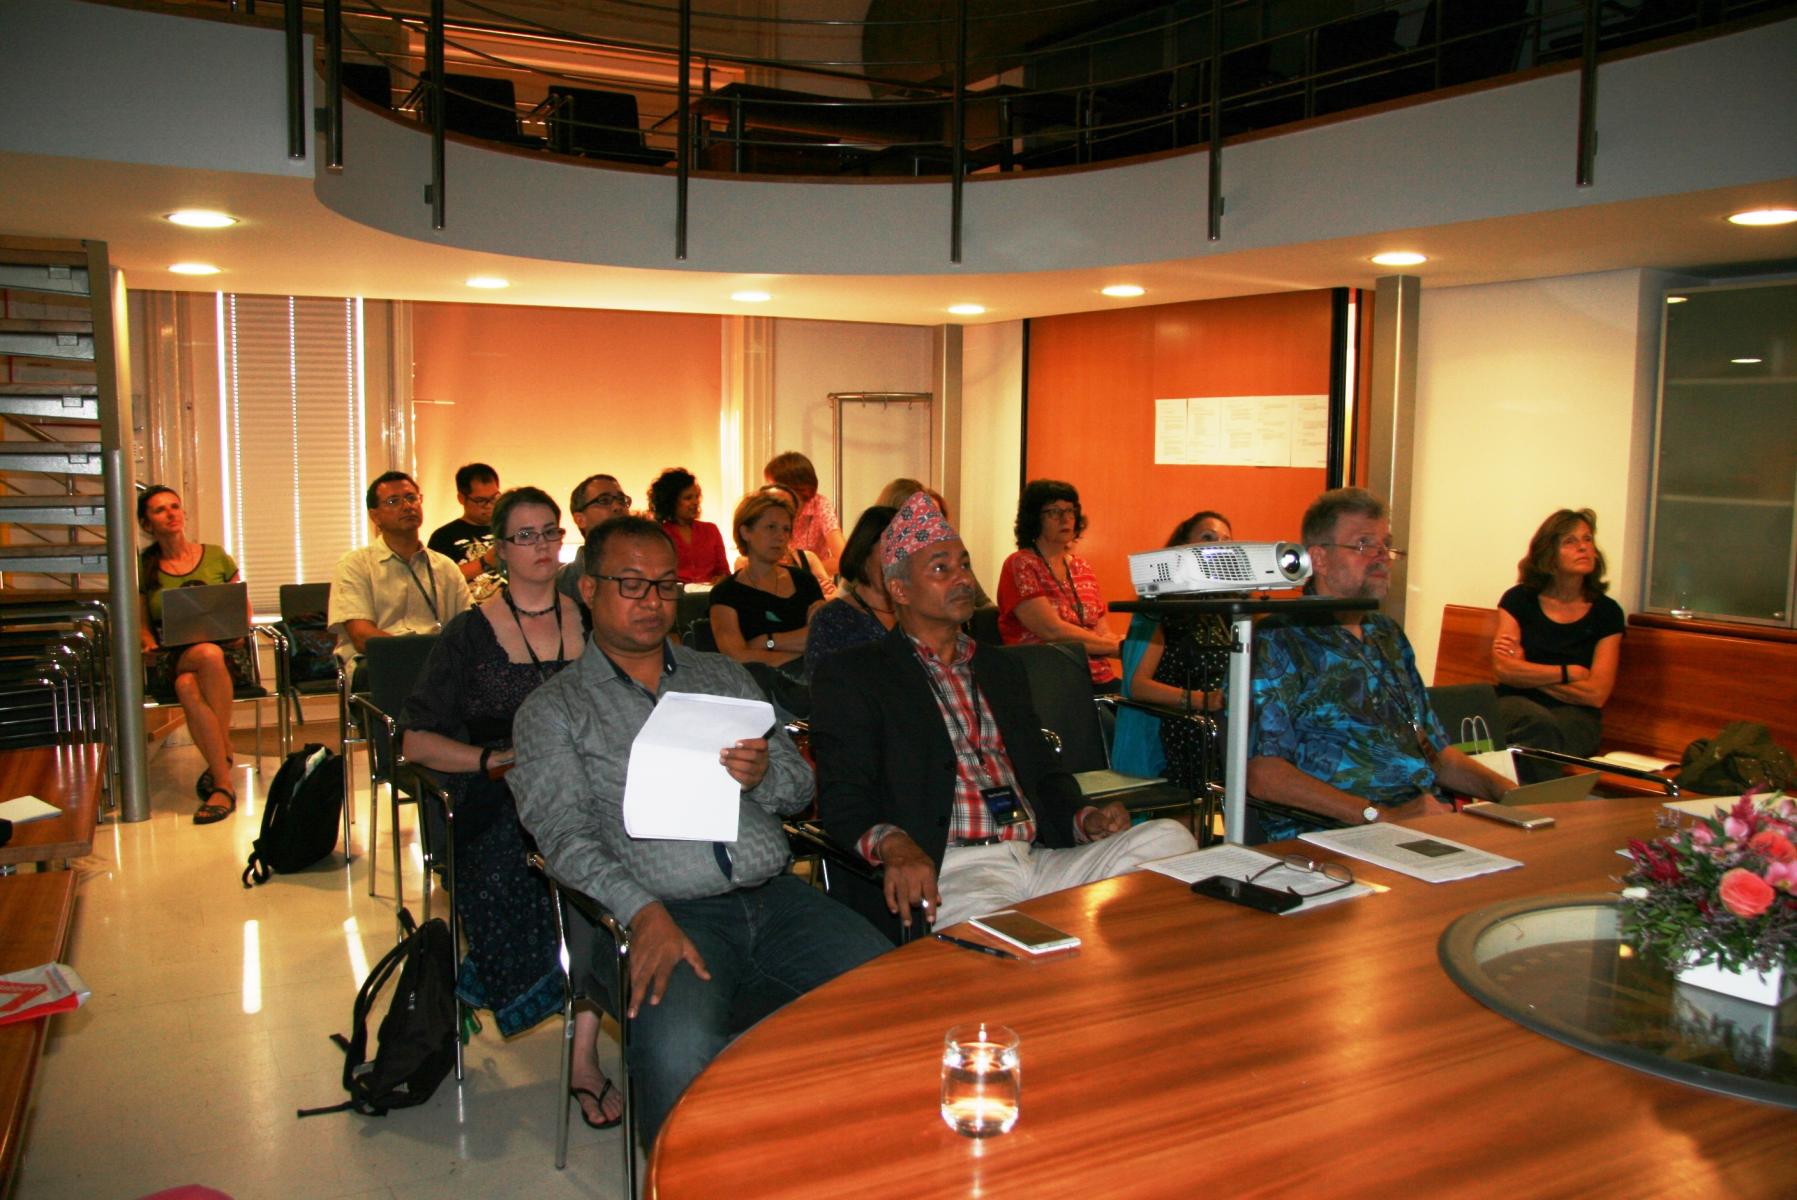 Udeleženci razprave Svetovna mreža ICTM: izkušnje in možnosti. Foto: Urša Šivic.